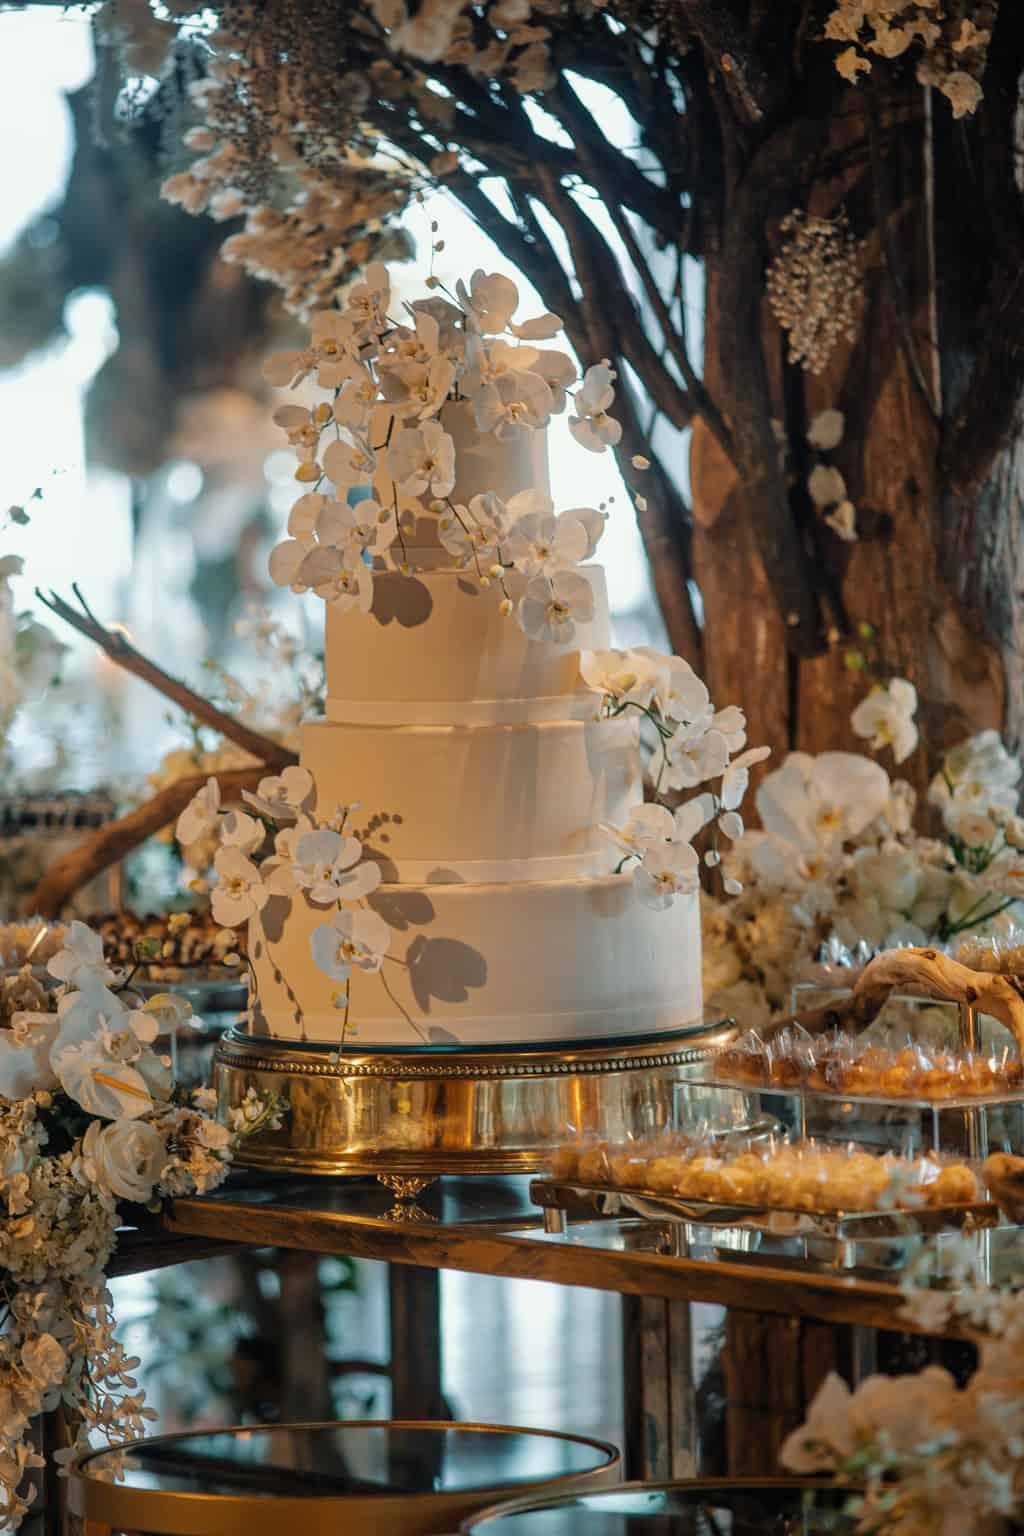 Casamento-Alissa-e-Gustavo-Cerimonial-Manu-Goncalez-Decor-Andrea-Kapps-Fasano-Angra-dos-Reis-Foto-VRebel-Decoracao8004